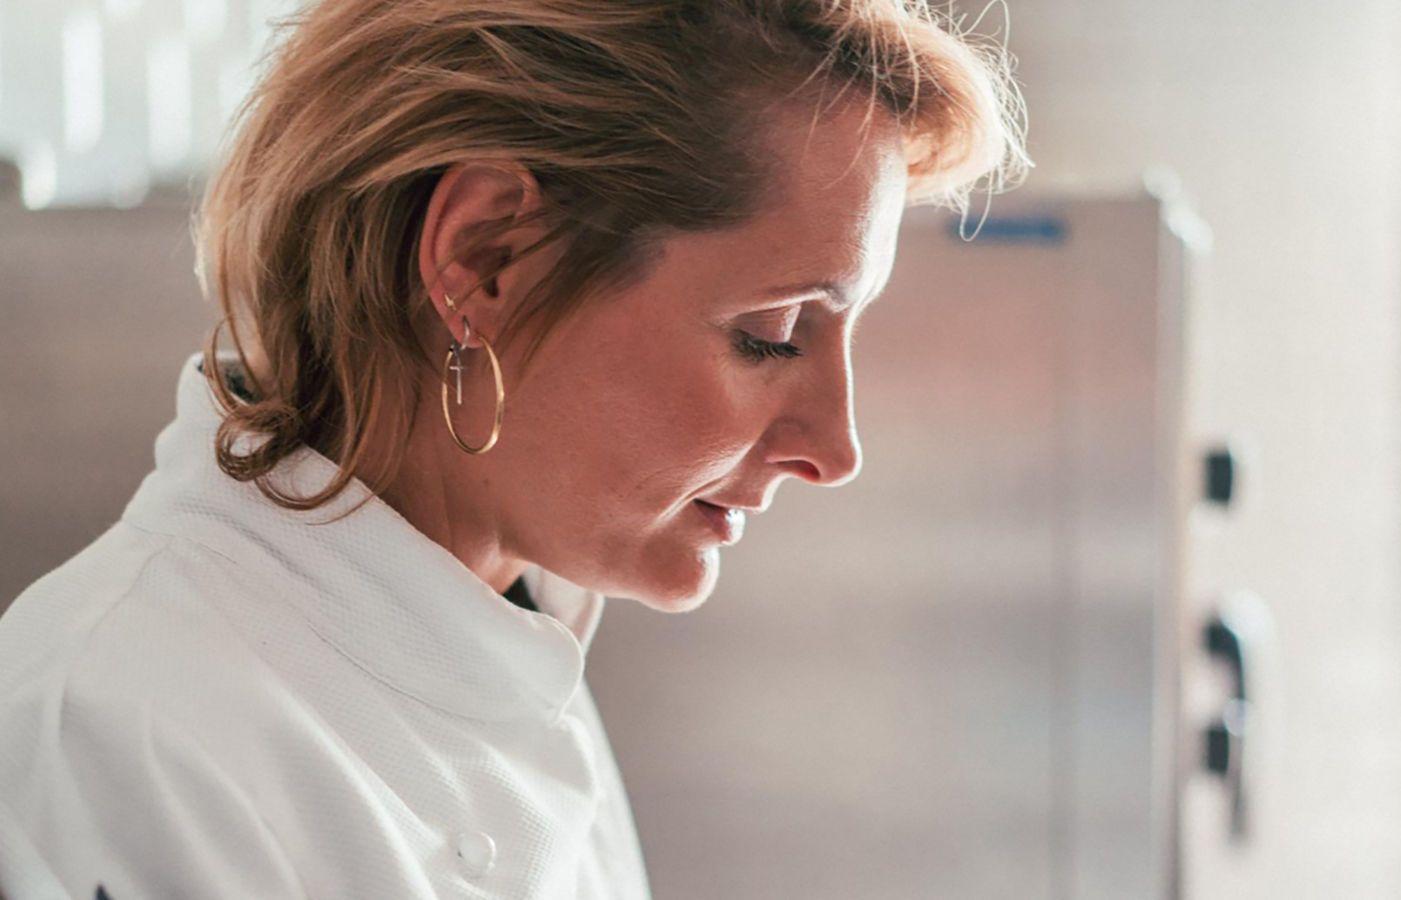 Sofie-dumont-chef-keuken